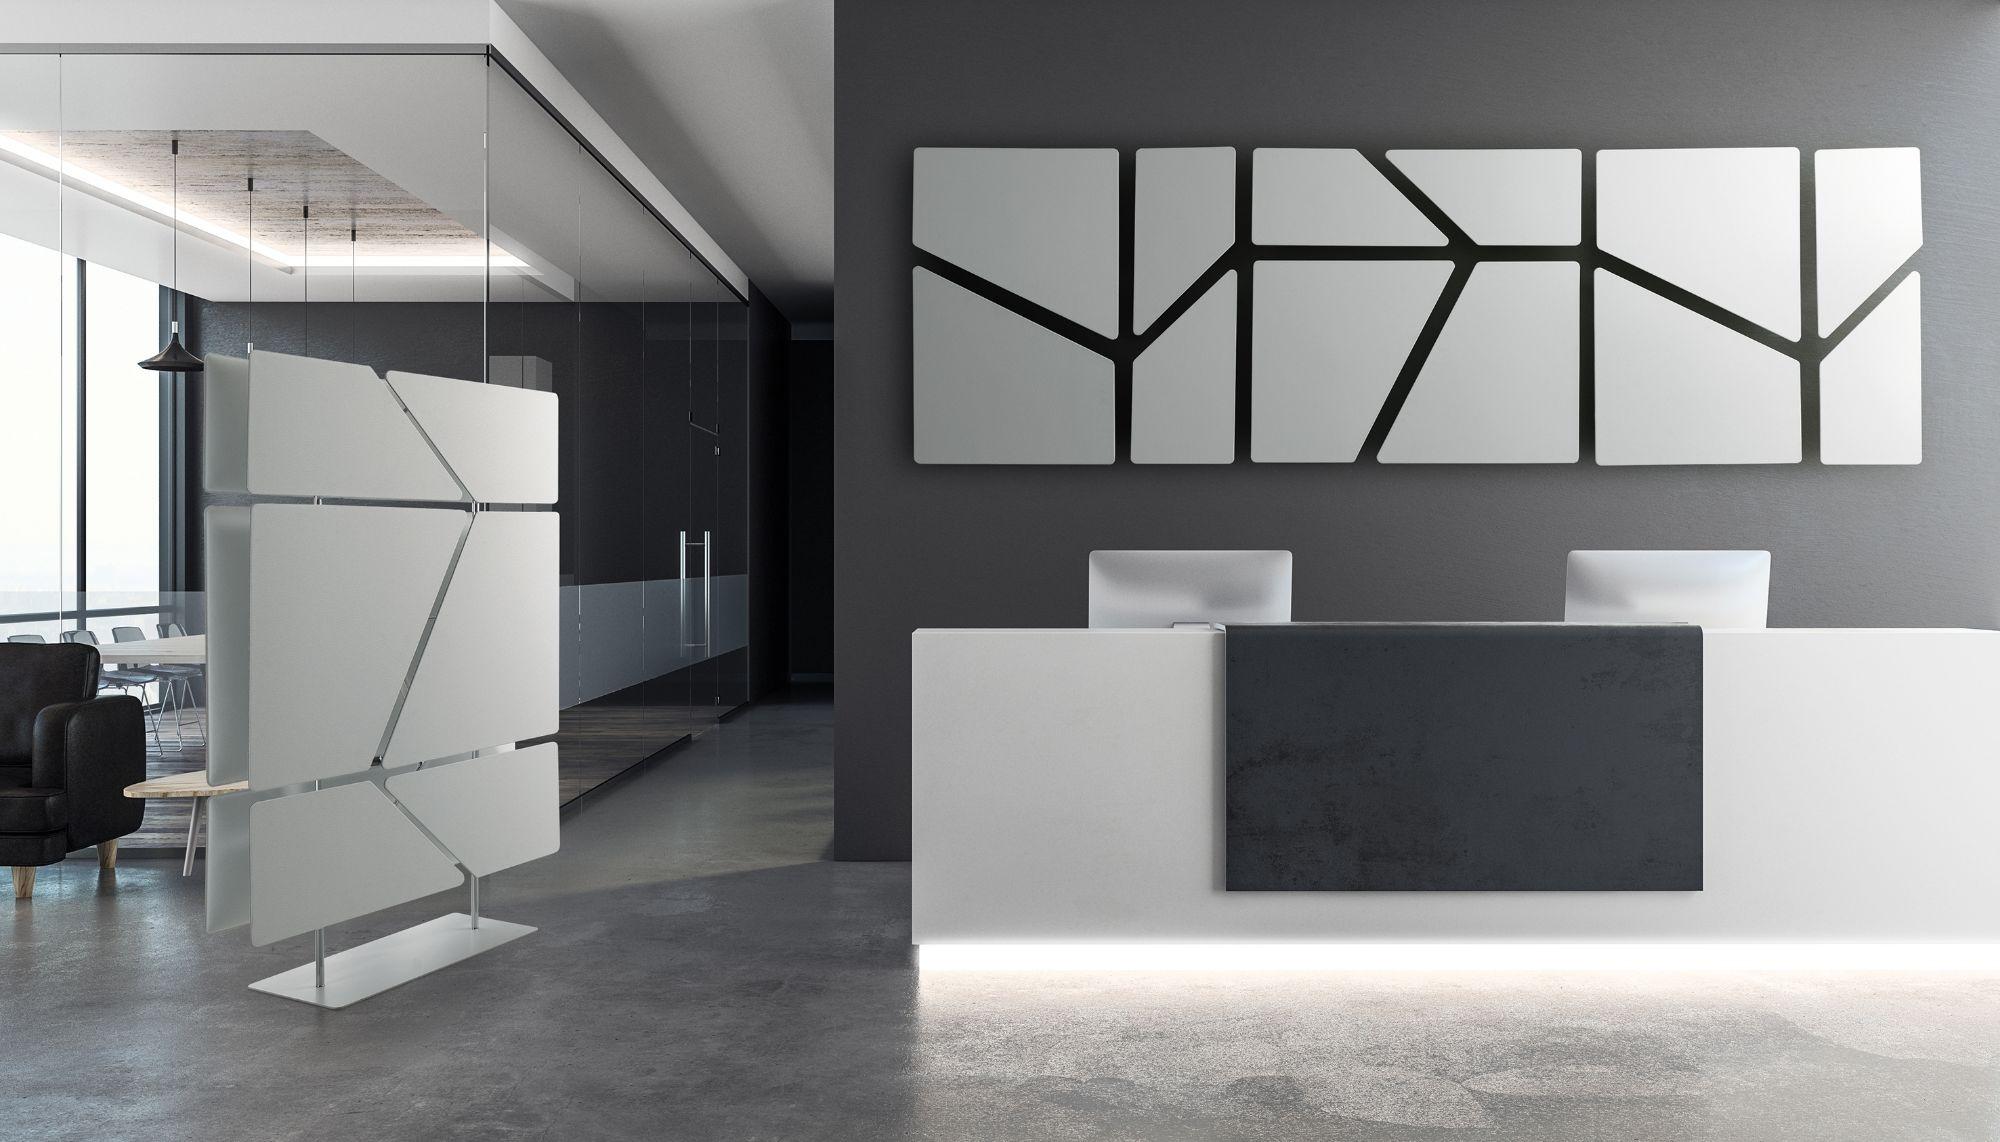 Caimi Brevetti: migliora il comfort del tuo ambiente con i prodotti acustici SnowSound